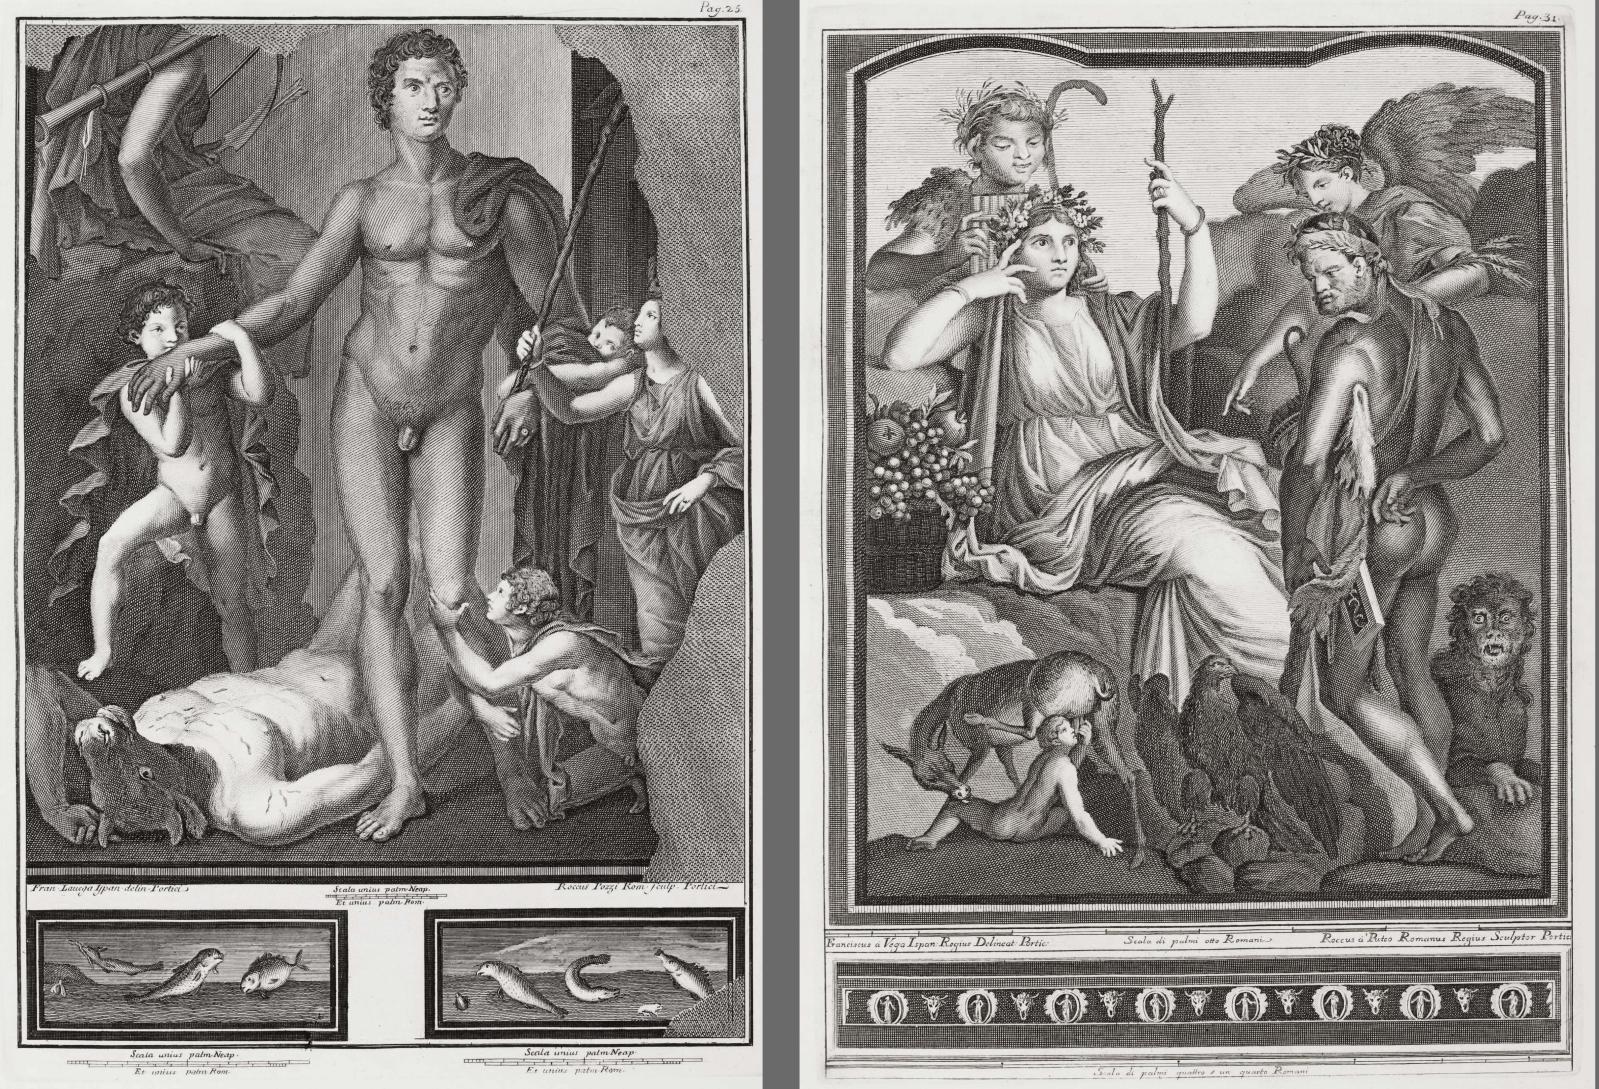 Thésée, vainqueur du Minotaure et Hercule et son fils Télèphe, in Le Pitture antiche d'Ercolano, Naples, 1757.